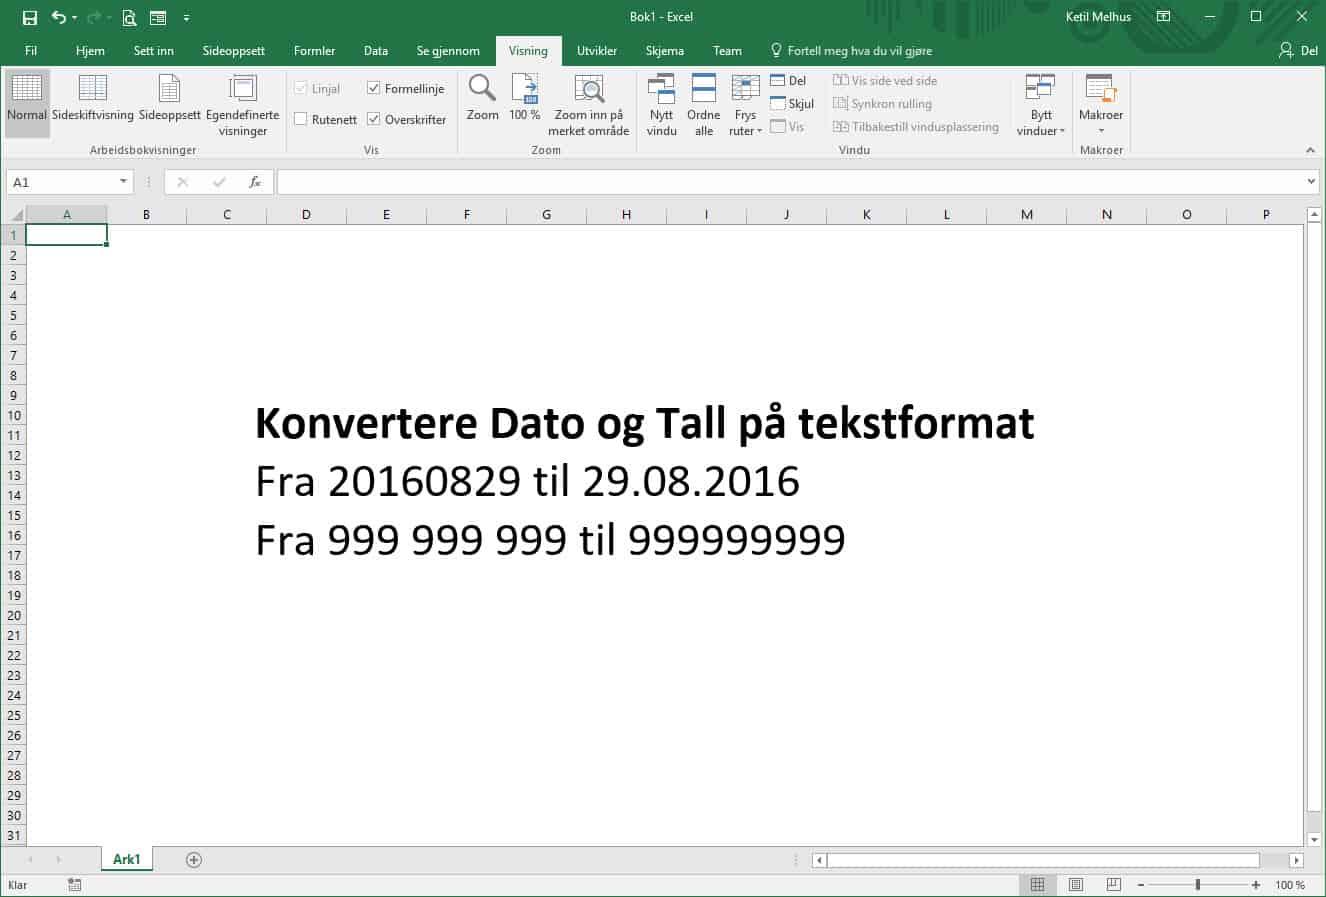 Konvertere datoer og tall